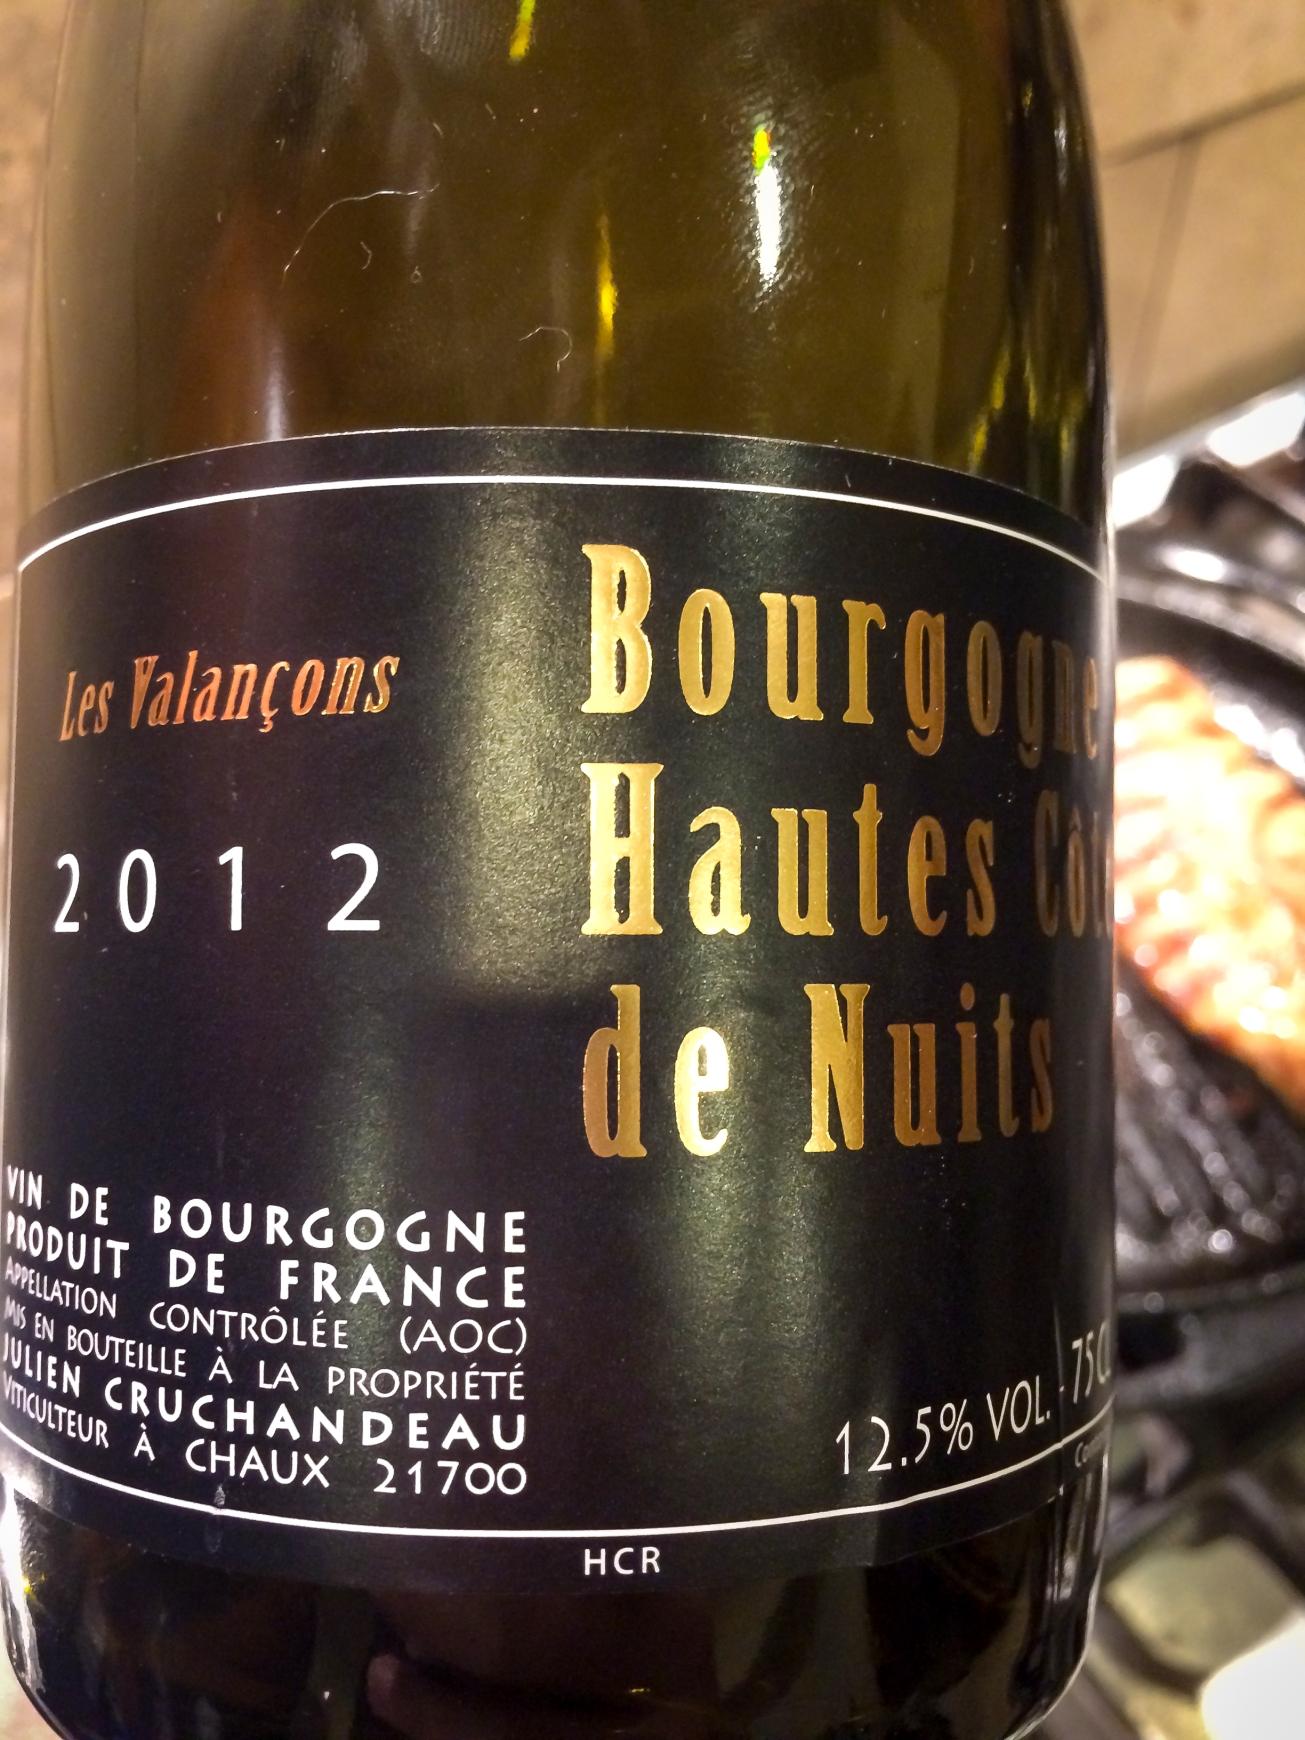 2012 Domaine Cruchandeau Bourgogne Hautes Côtes de Nuits Les Valancons